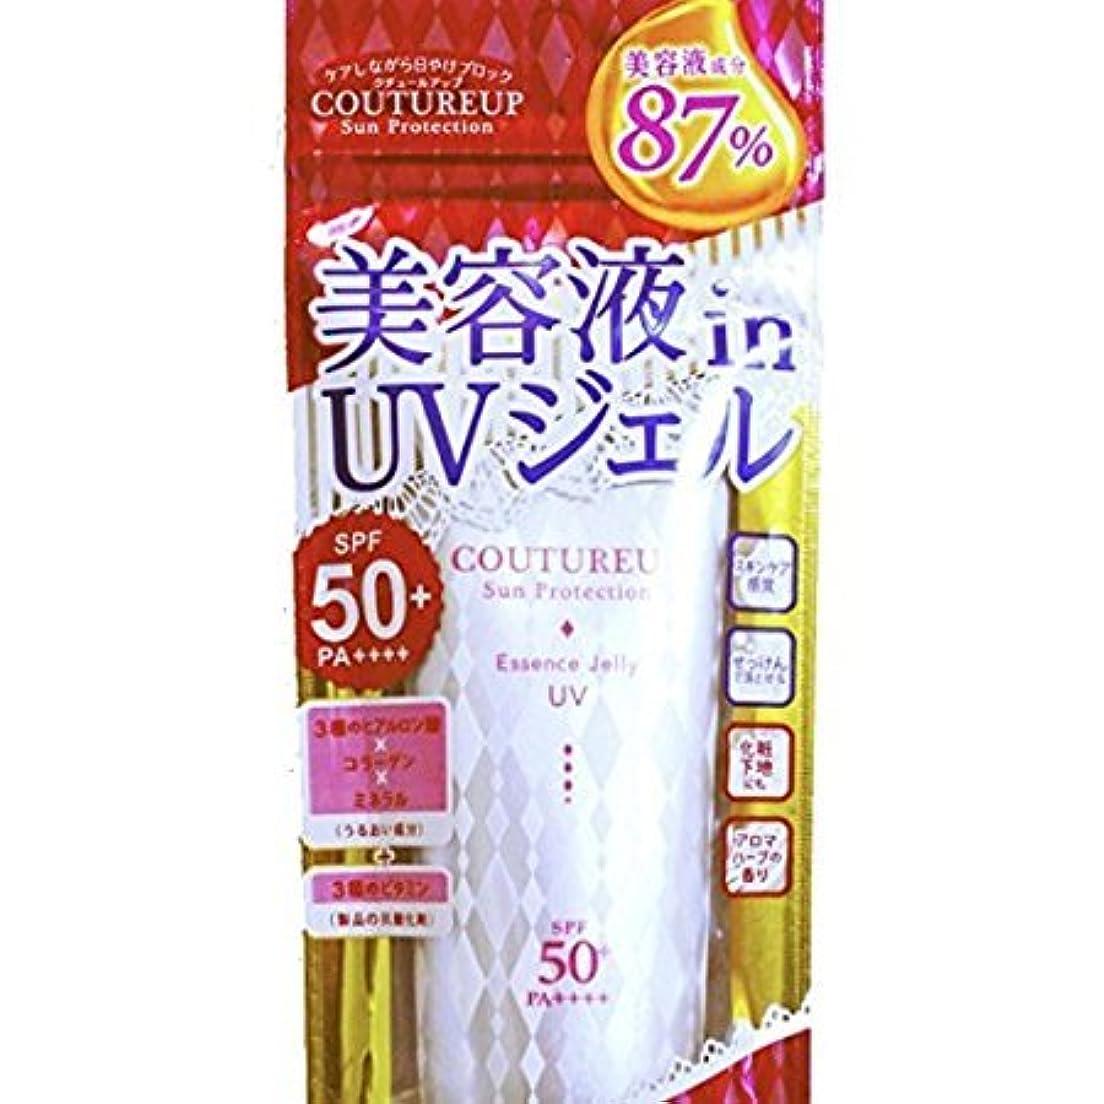 レーザスペードパドル美容液 in UVジェル SPF50+/PA++++ 65g 美容液成分87% 日焼け止め&化粧下地